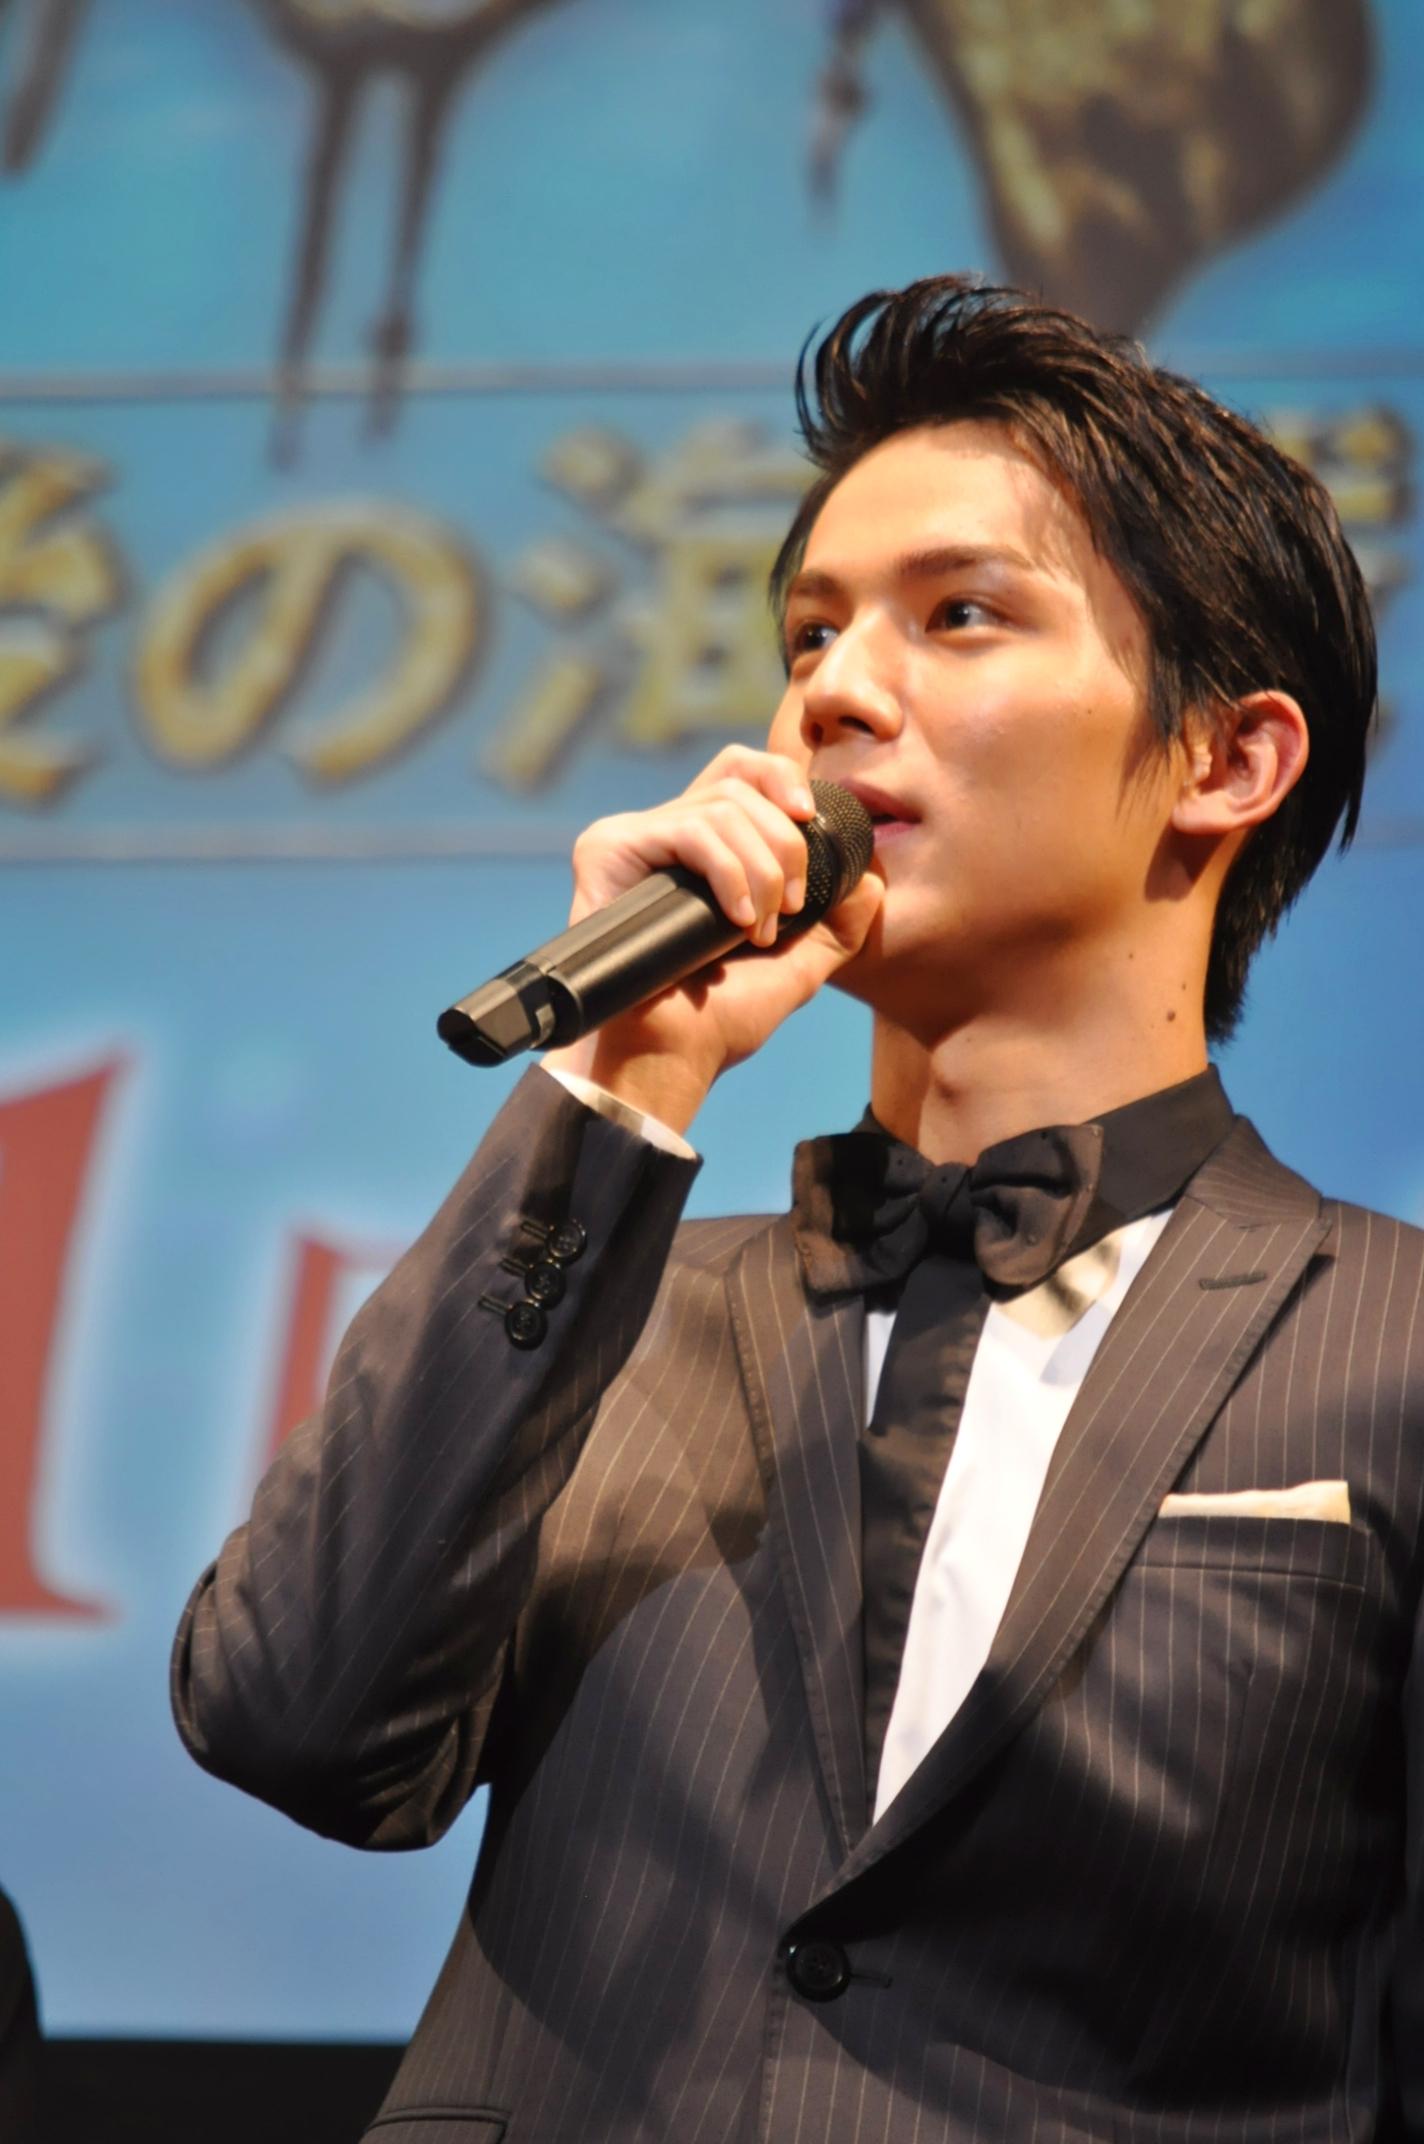 「ジョニー・デップの色気を吸い取りたい」と語る中川大志 撮影=村田 由美子